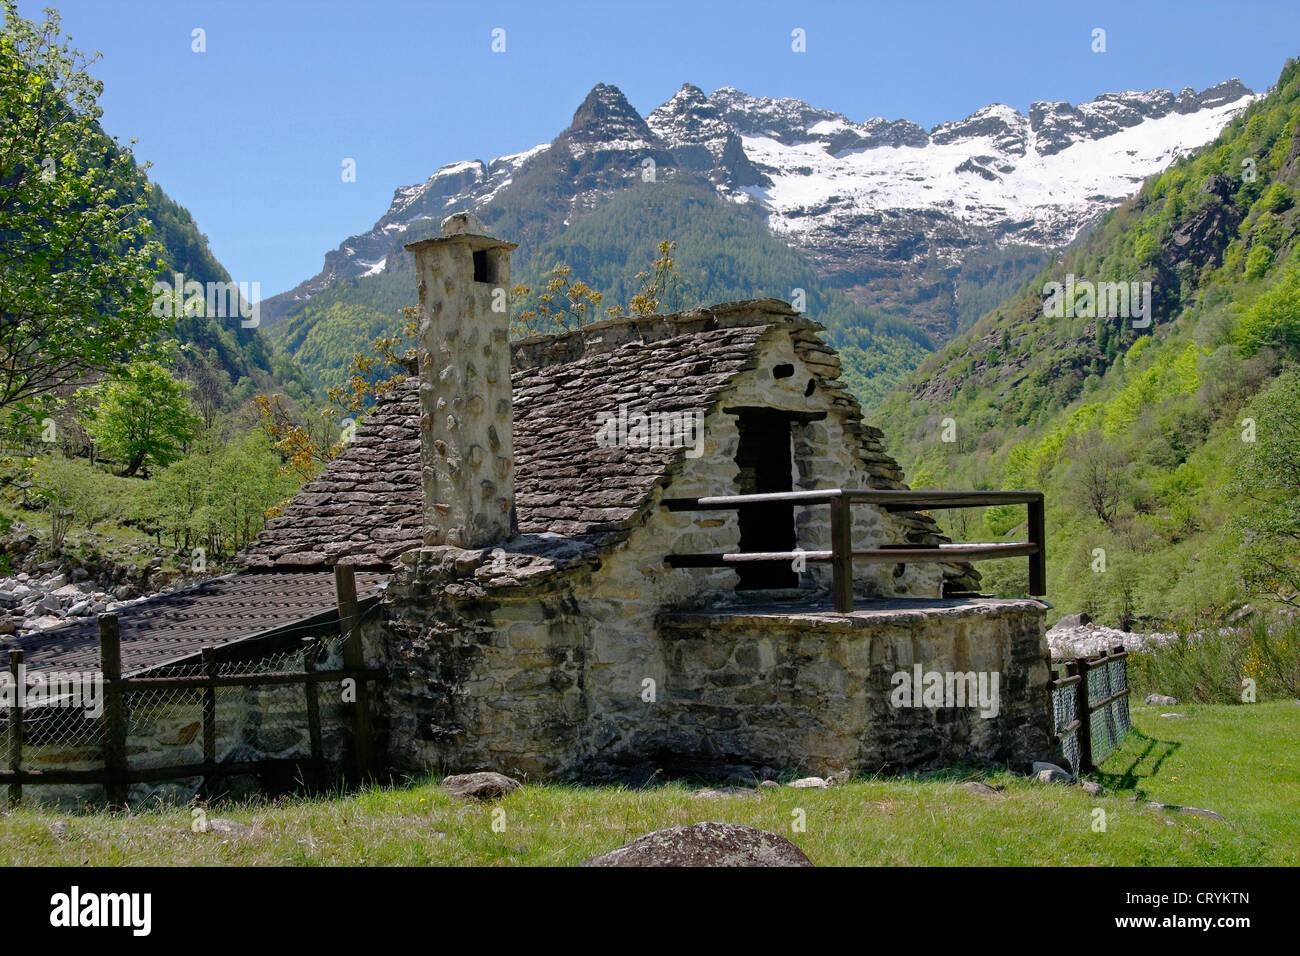 Rustico tradicional casa de piedra - Valle vegornesso - cantón de Ticino - Suiza Imagen De Stock